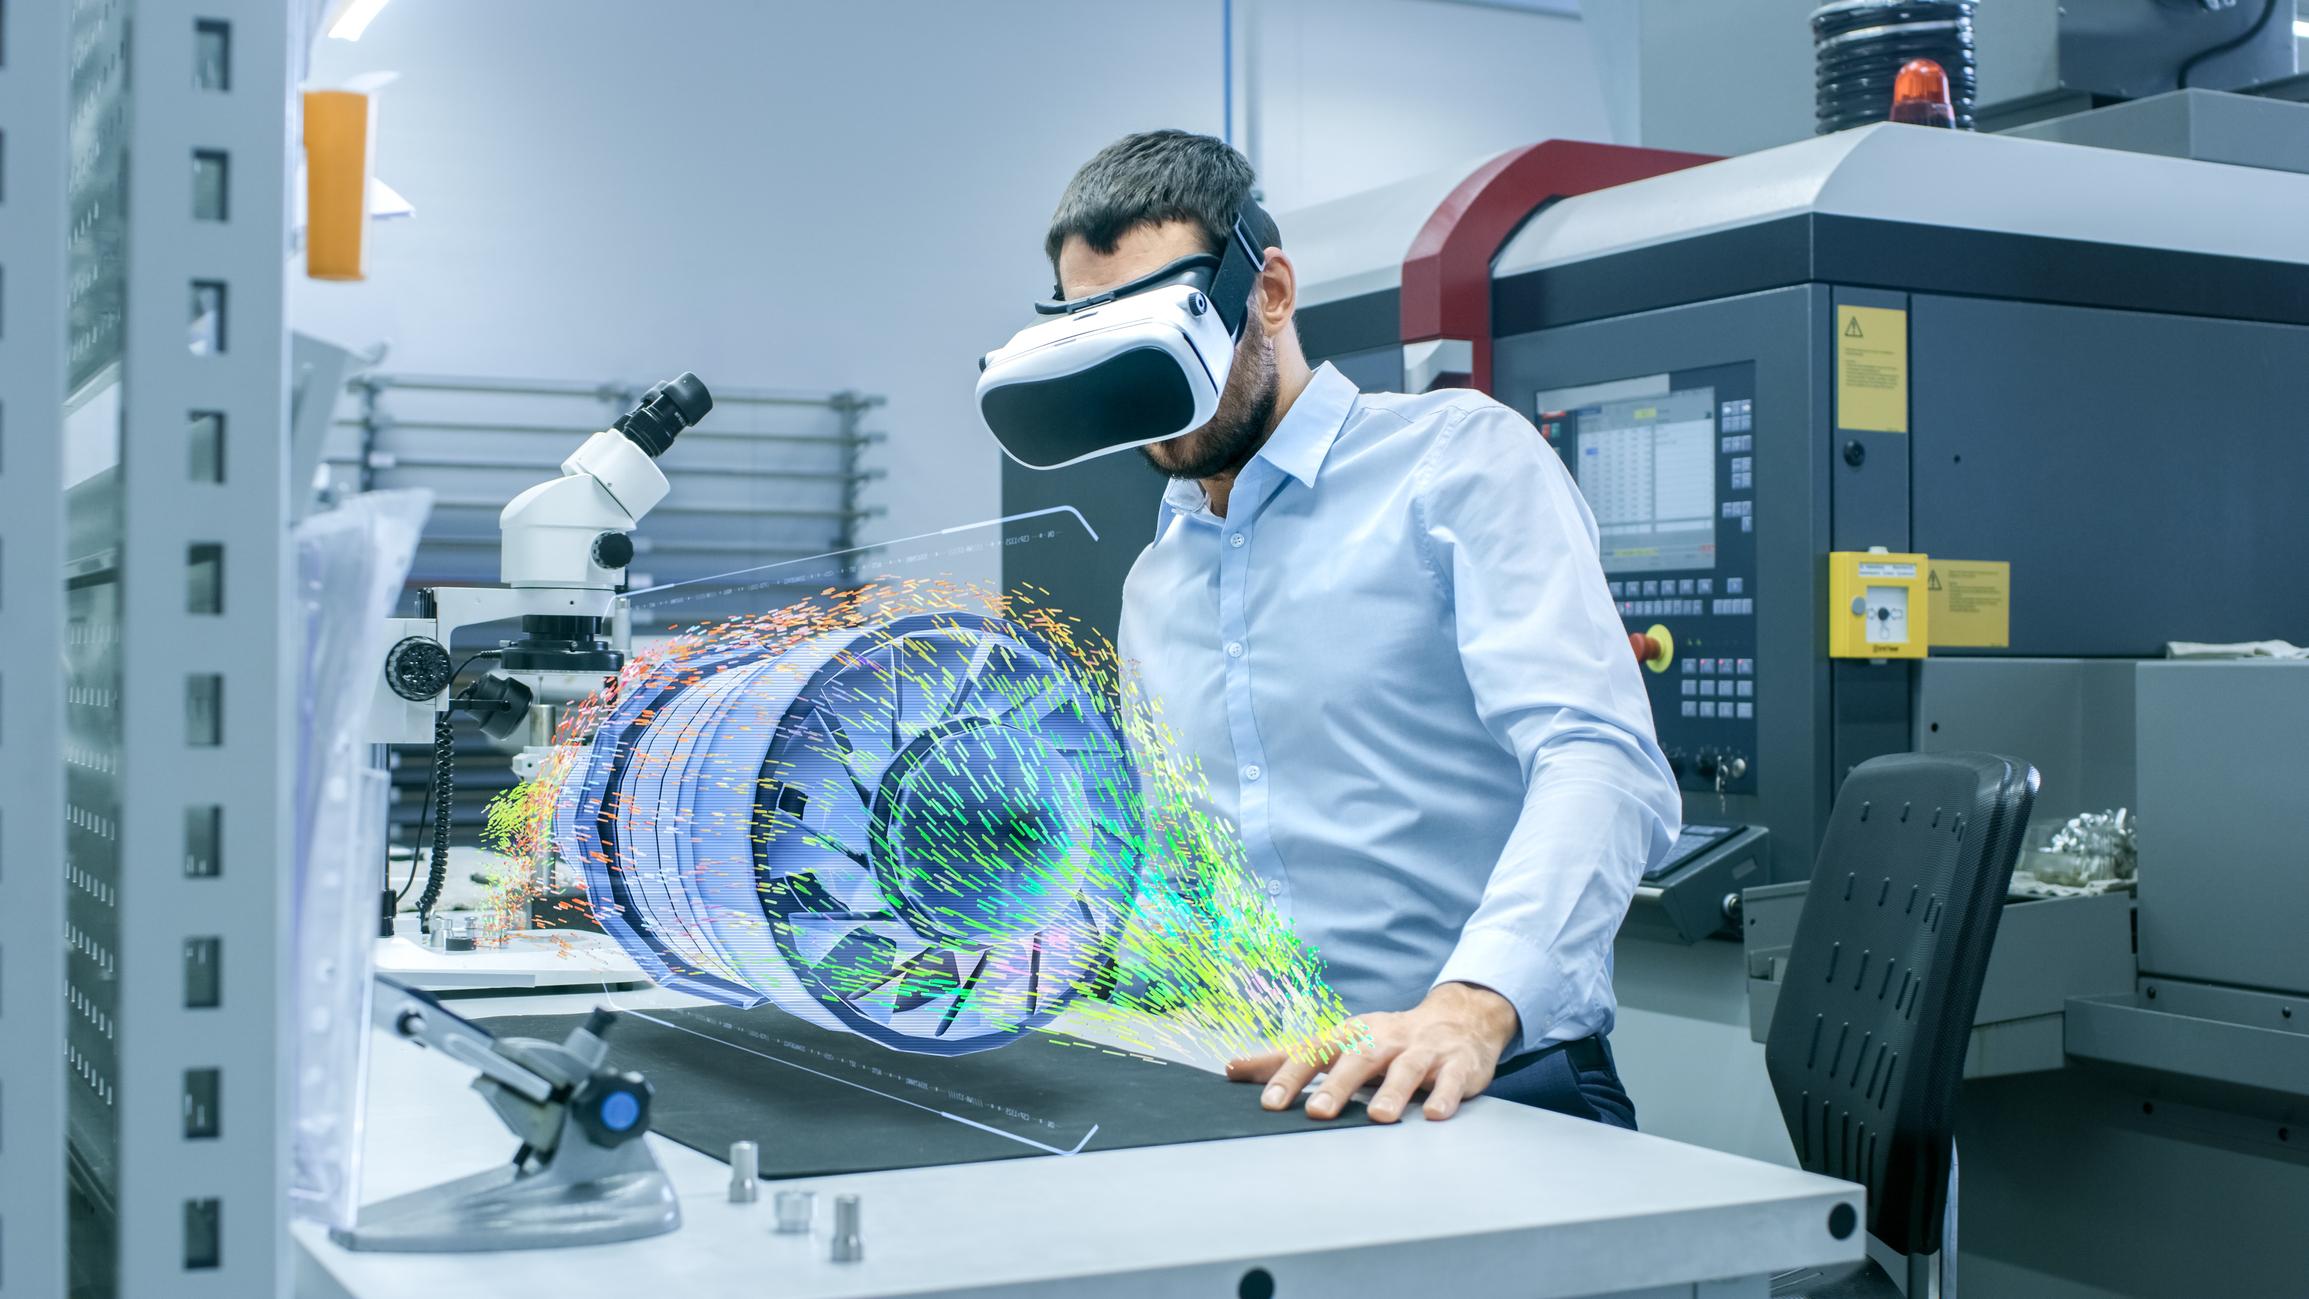 Kakšne so napredne proizvodne prakse najboljših proizvodnih podjetij v Sloveniji